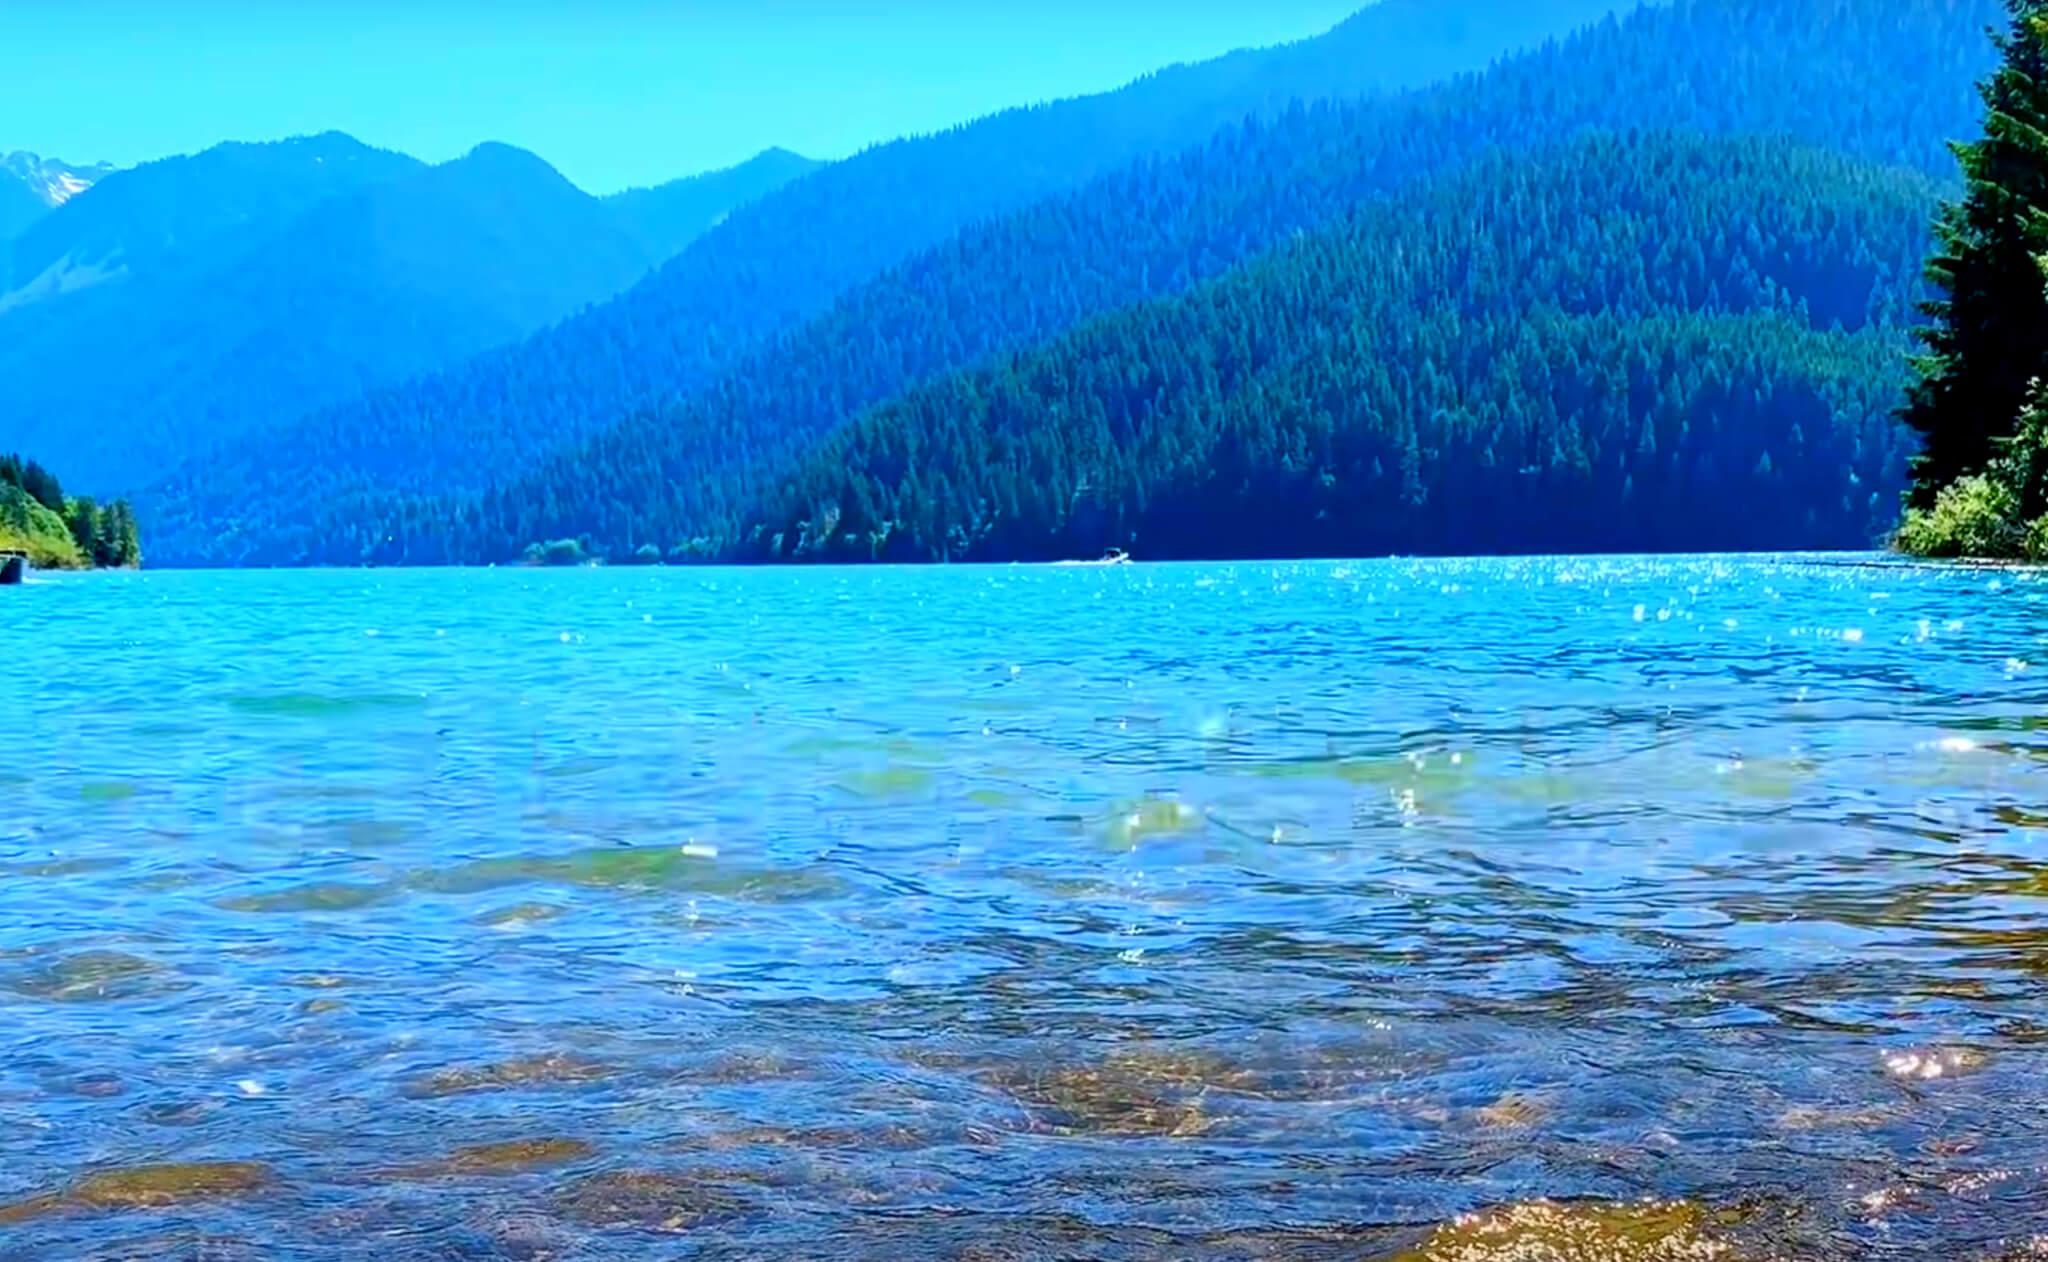 Baker-Lake-Fishing-Report-Guide-Washington-WA-01